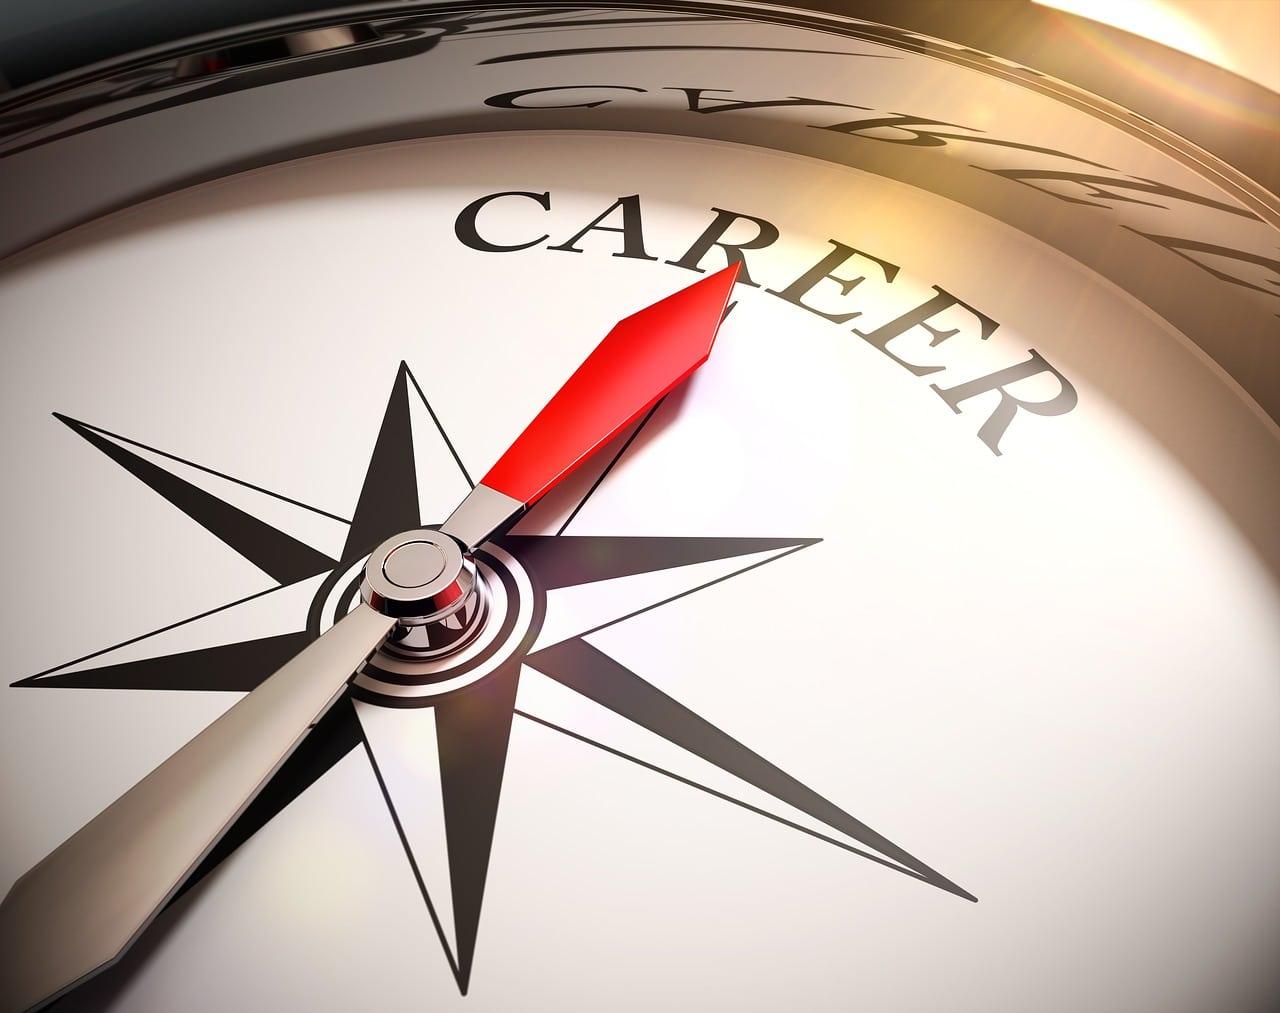 Employment Retention Business Header Image